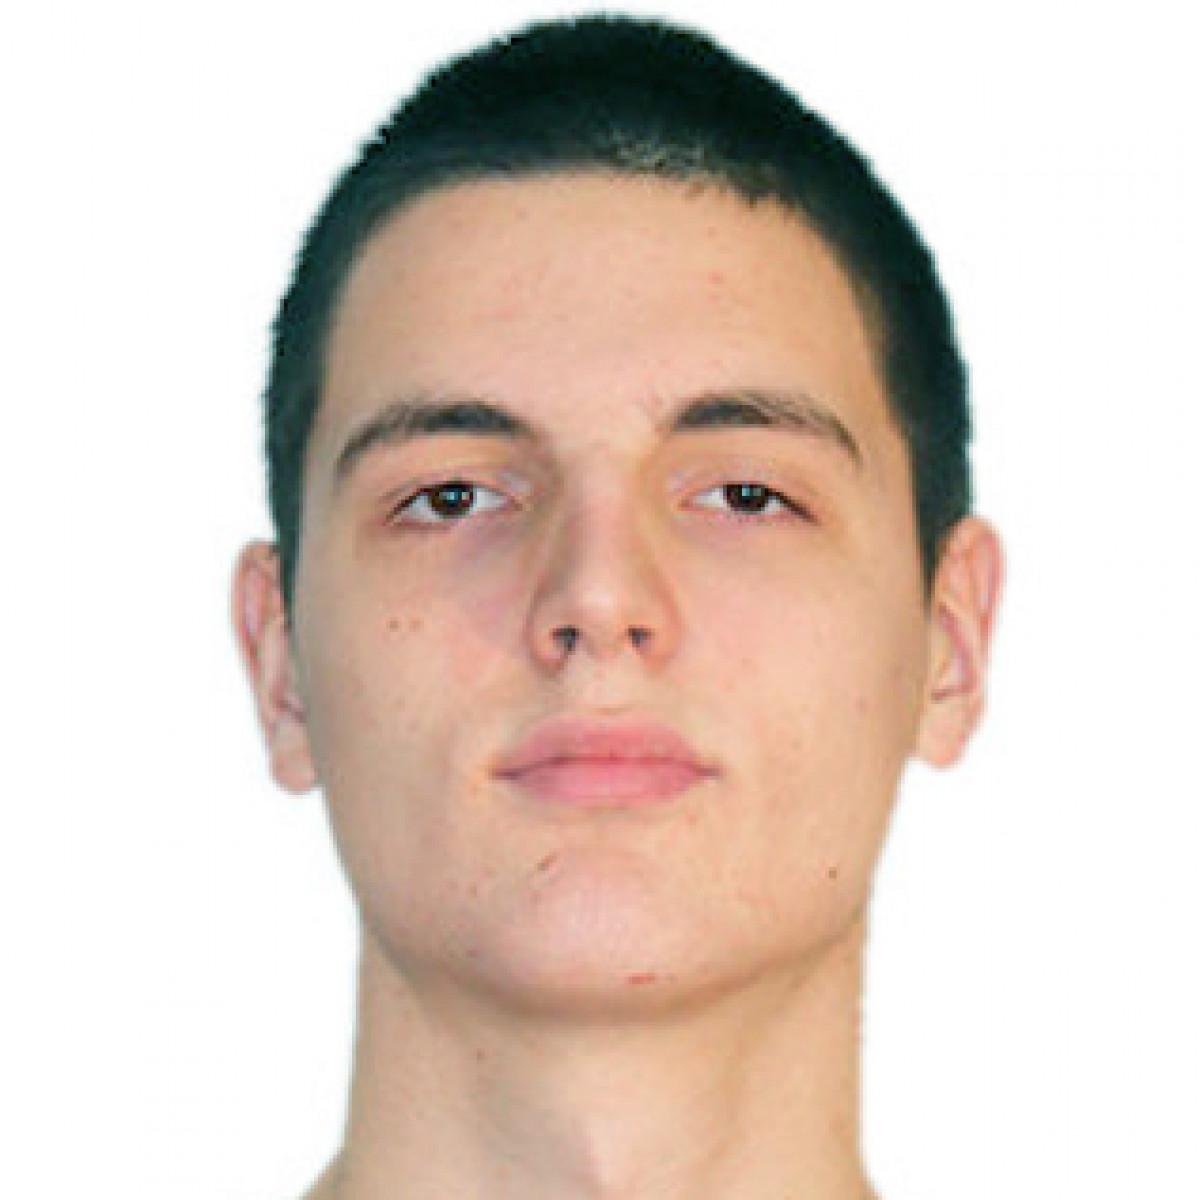 Filip Kalajzic